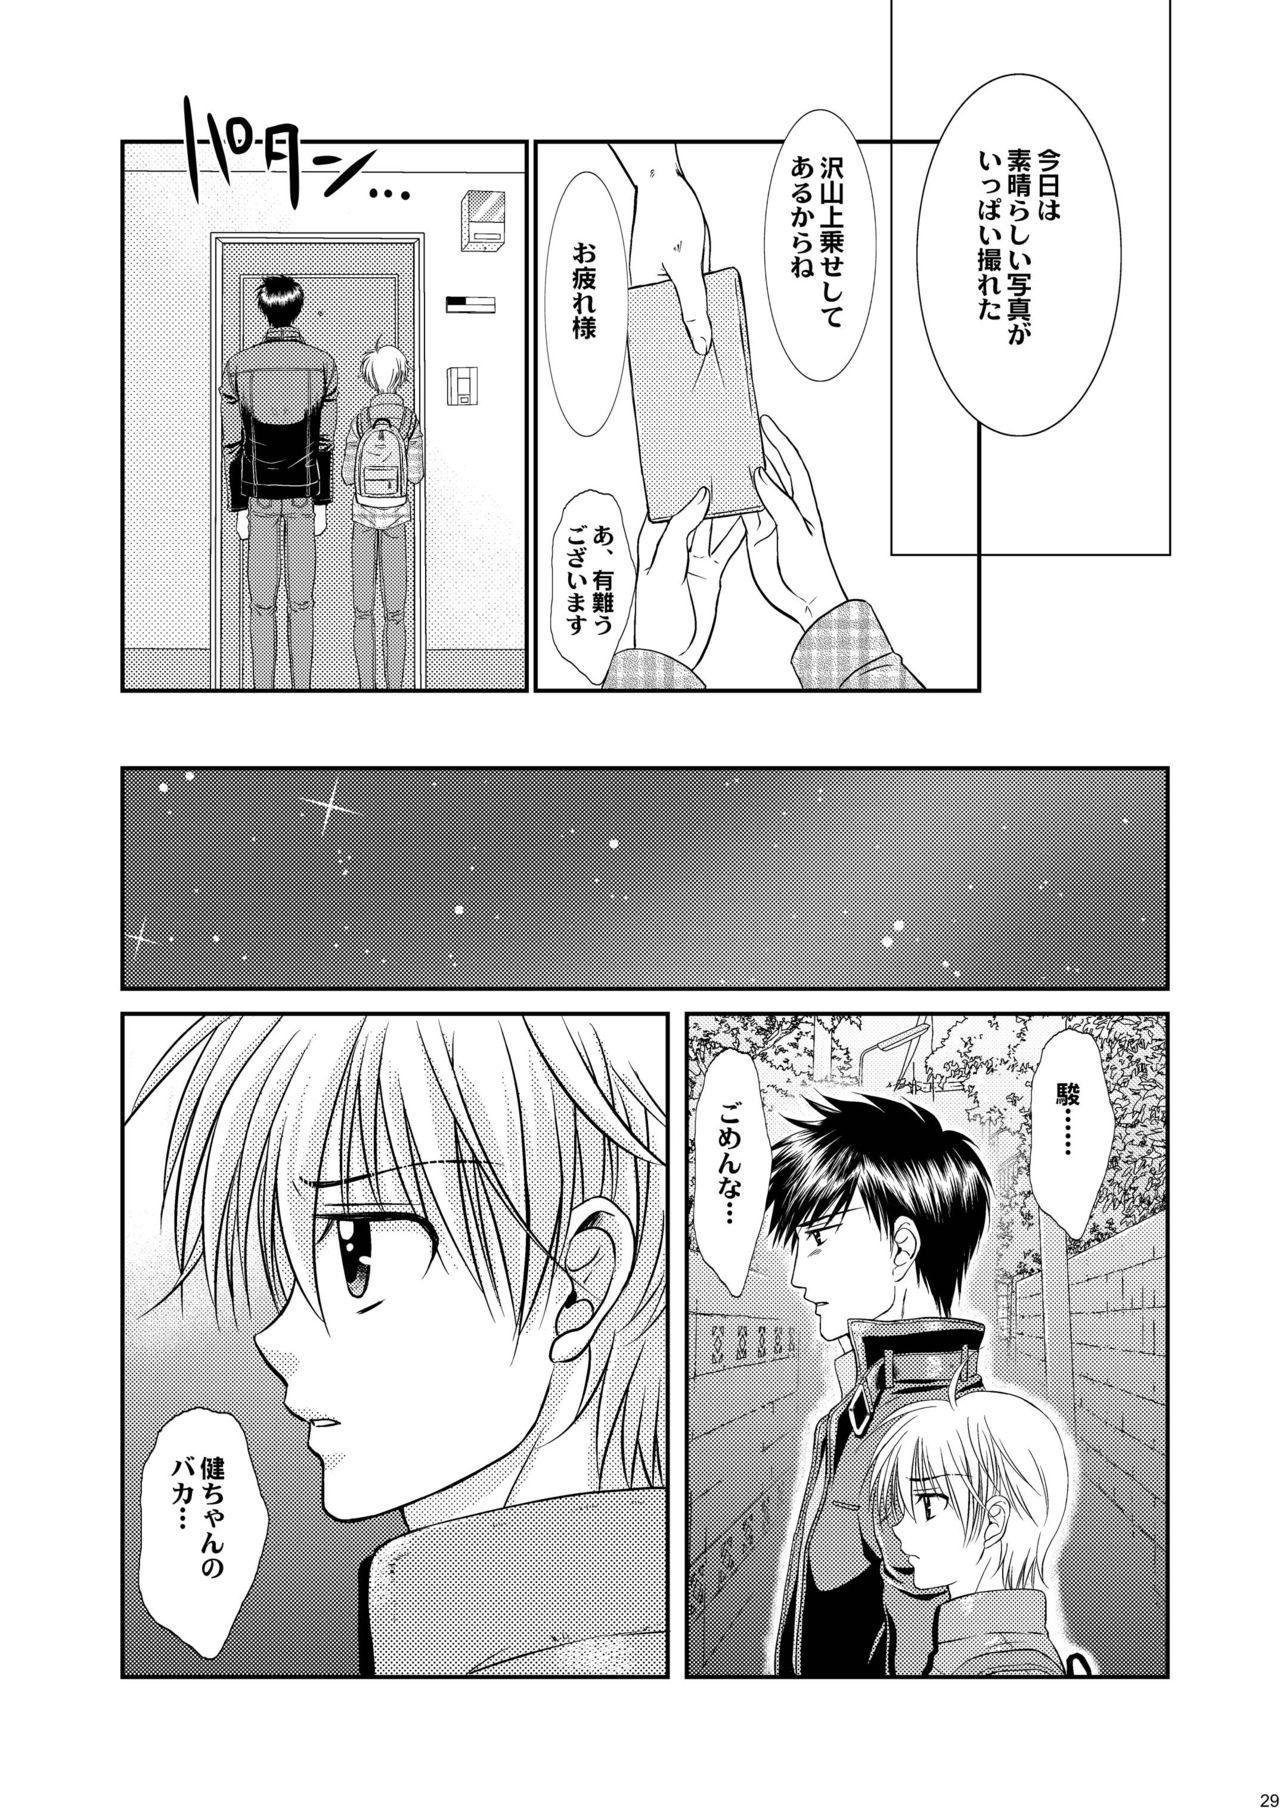 Ore to Senpai ga Shibarateru Wake. 28